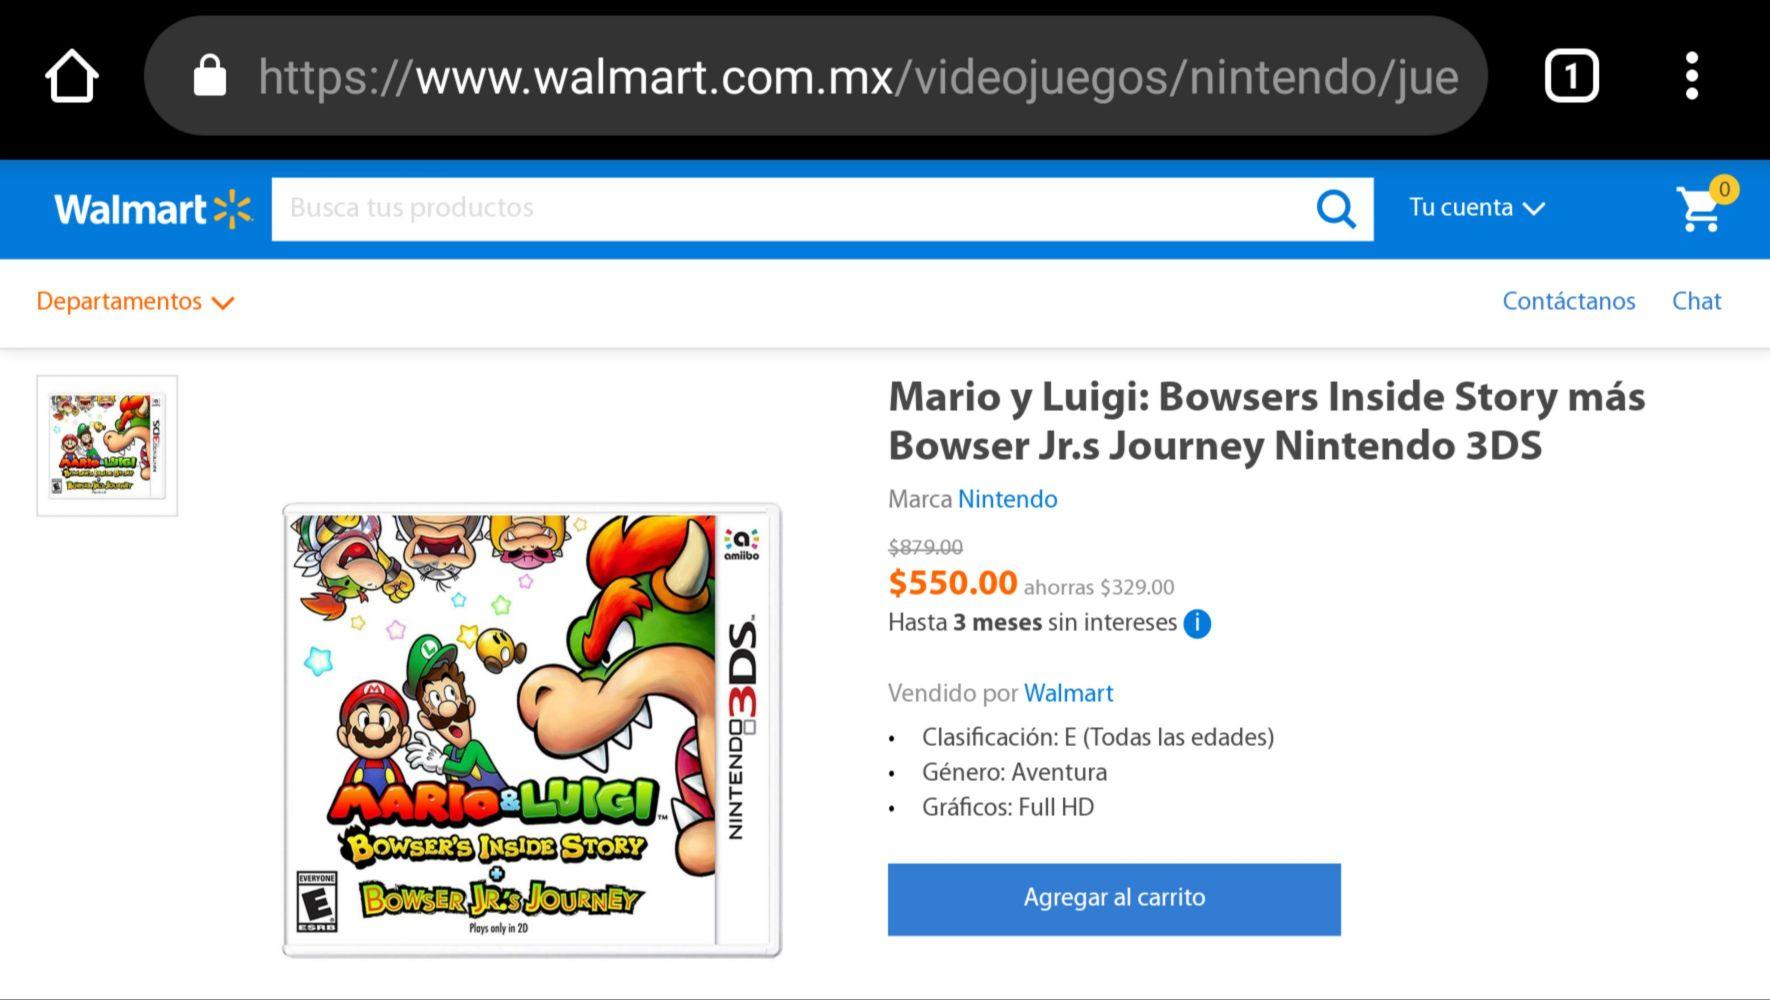 Walmart: Mario y Luigi: Bowsers Inside Story más Bowser Jr.s Journey Nintendo 3DS MEJOR PRECIO ENCONTRADO